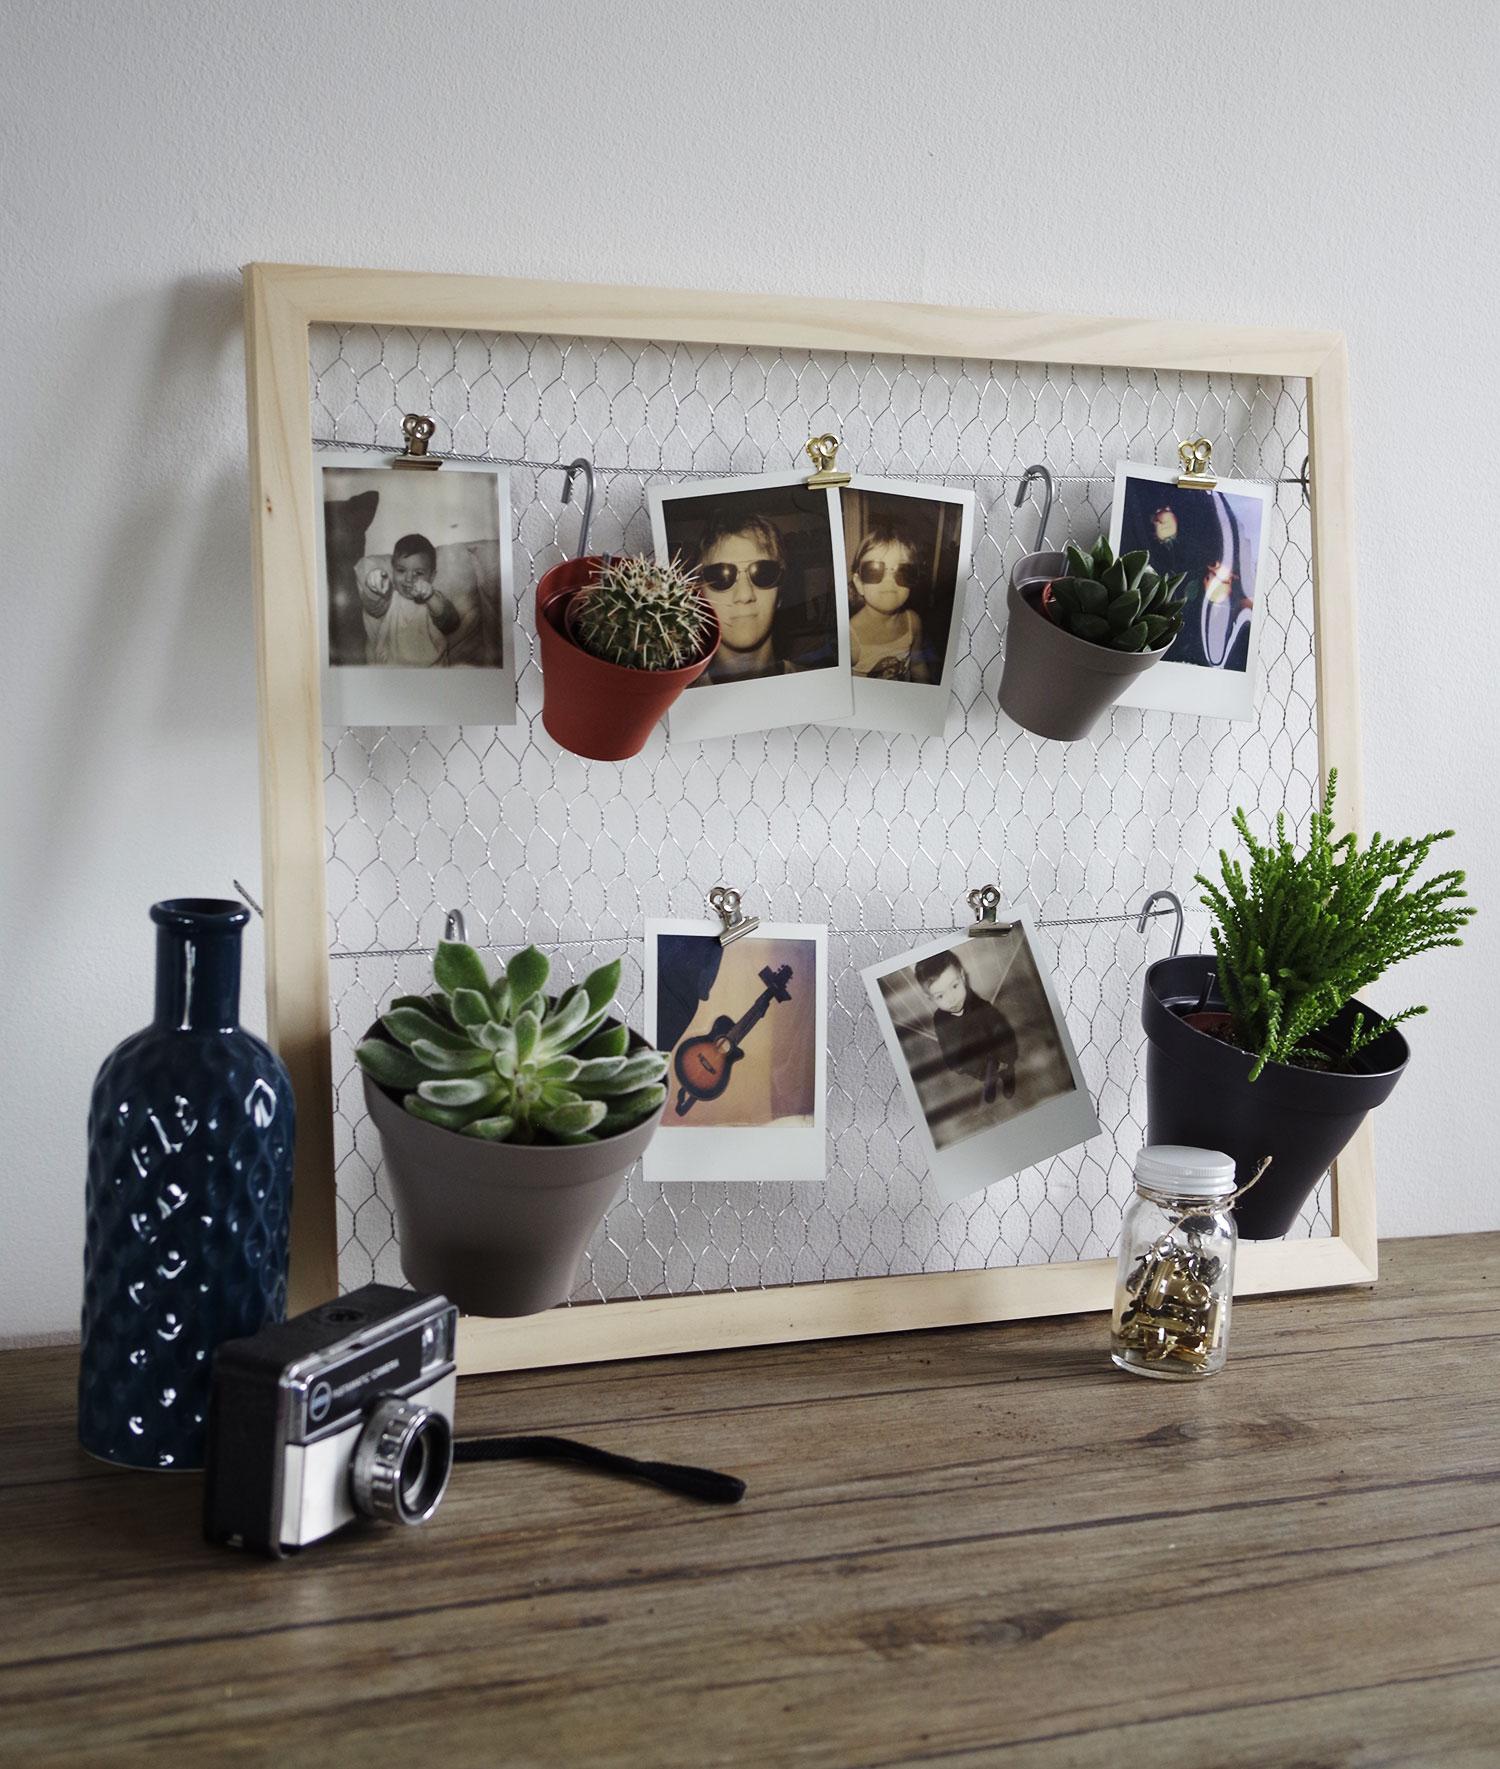 DIY-Mon-pêle-mêle-plantes-et-polaroïds-plante